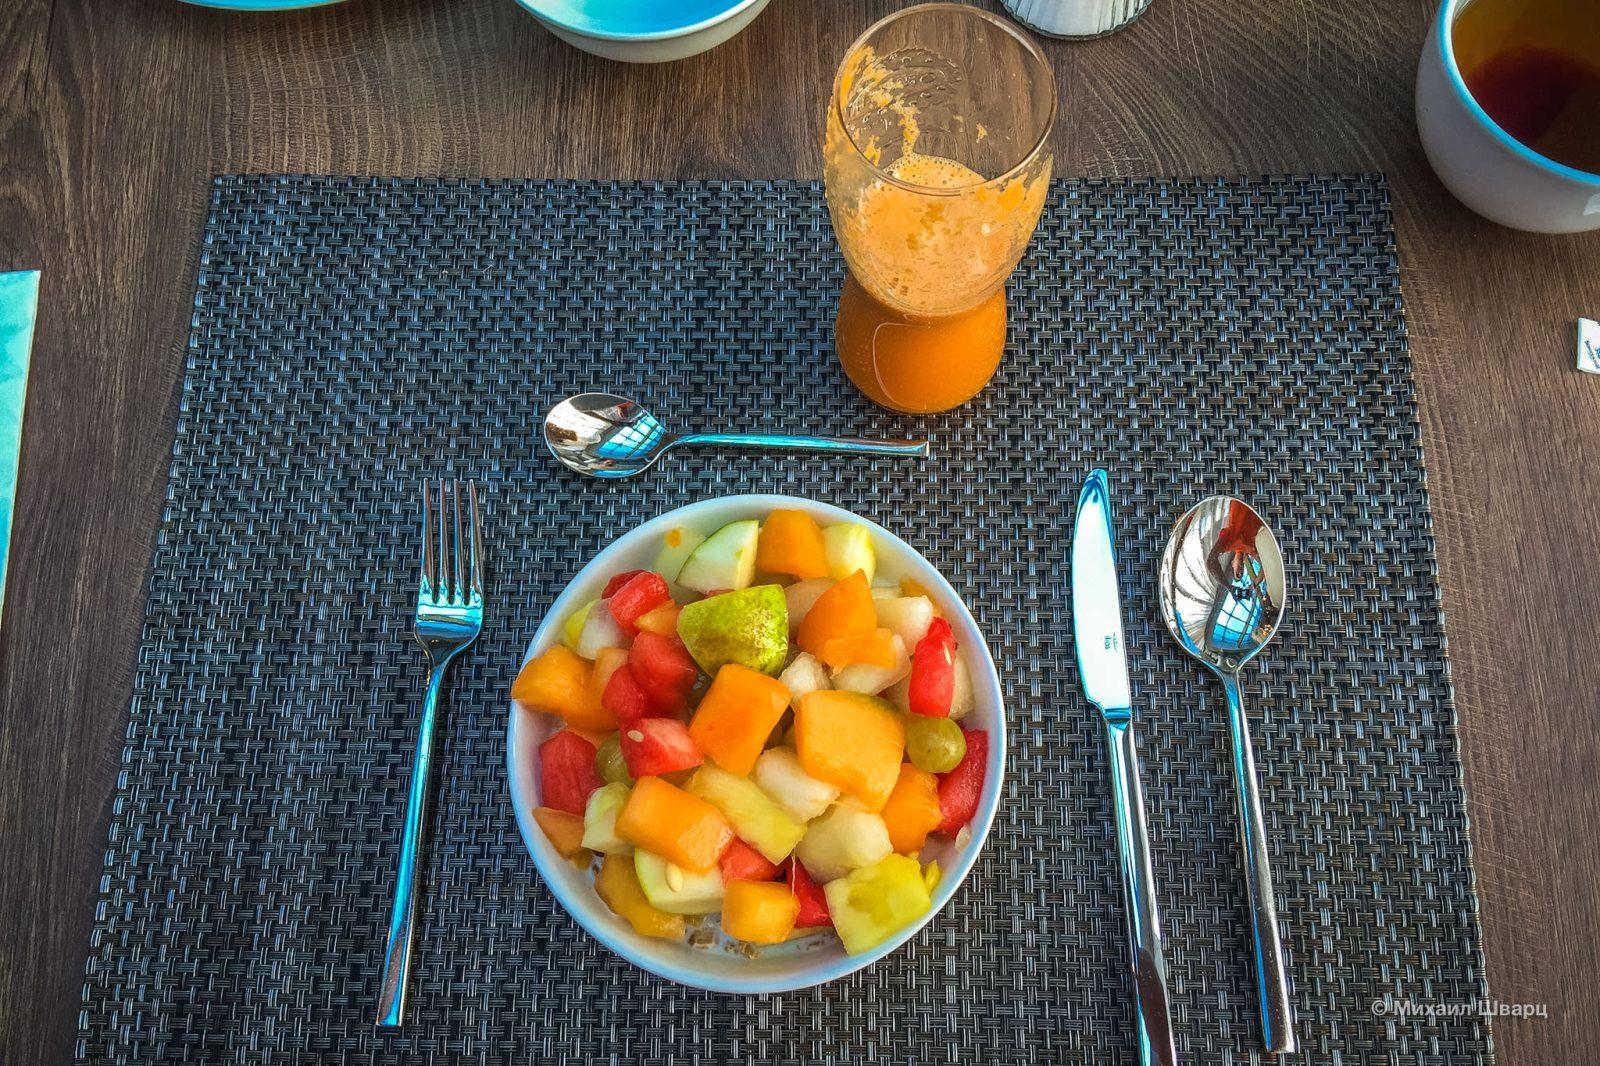 Много фруктов на завтрак